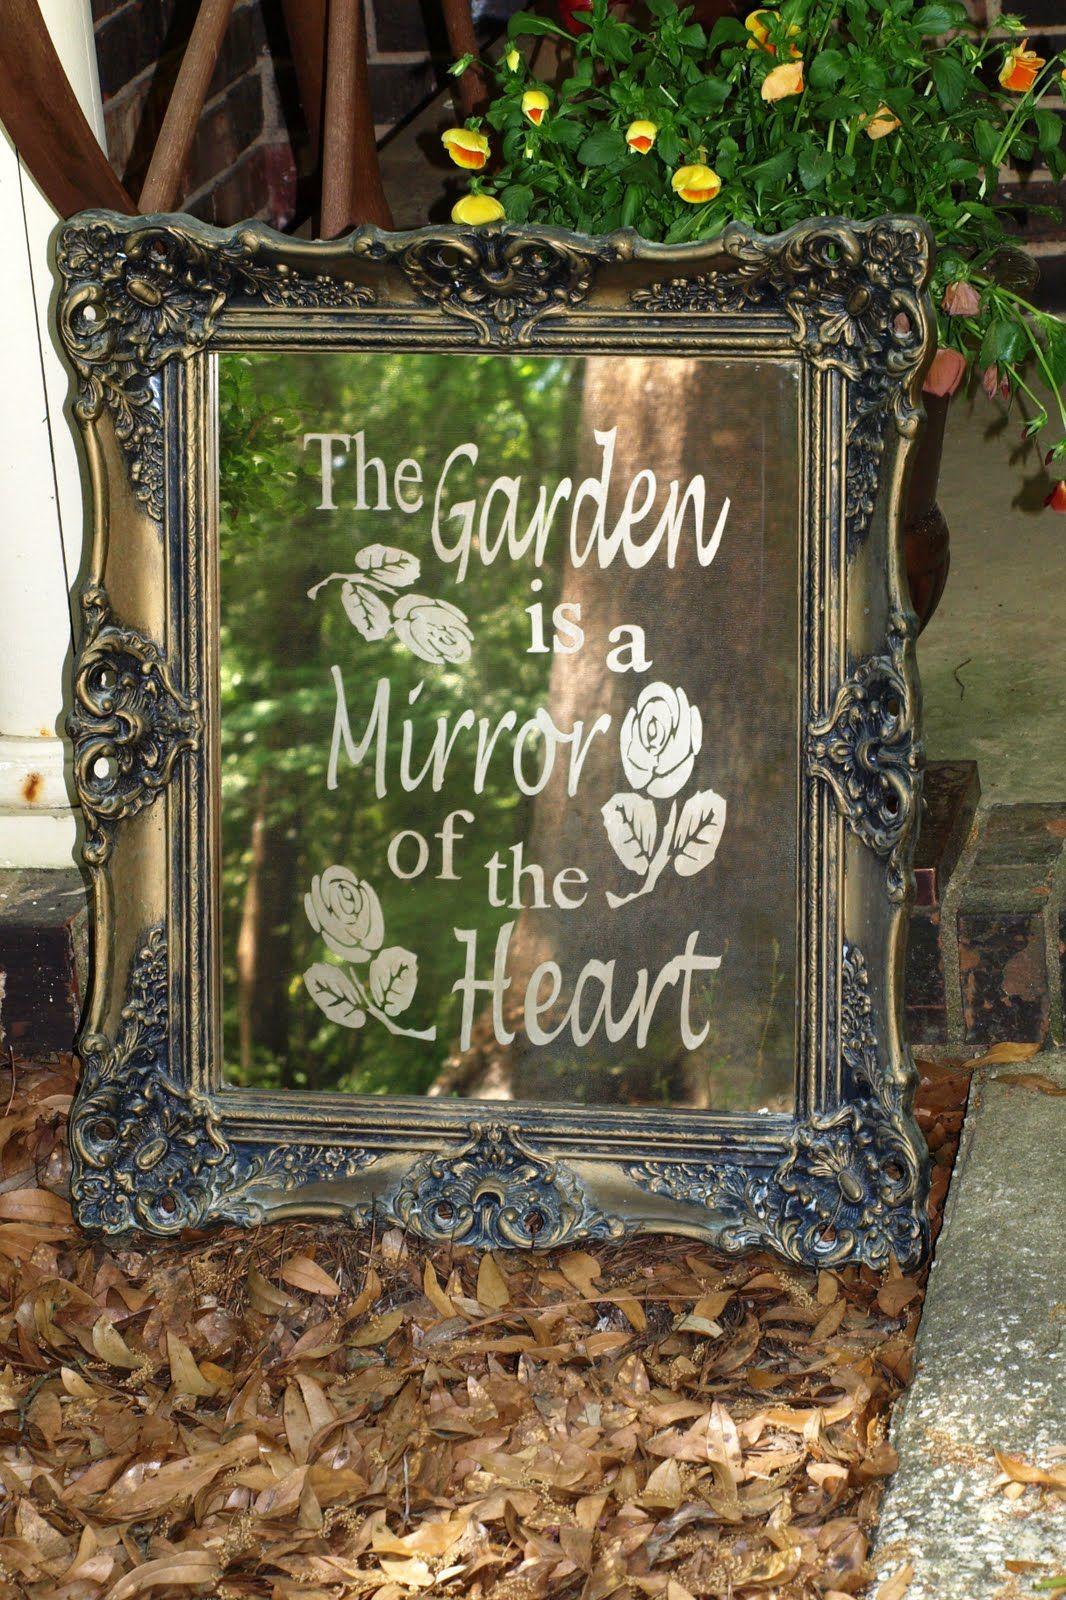 Pin Von Shelley Roberts Auf Beautiful Flowers Things For The Yard Garten Deko Garten Gartenspiegel